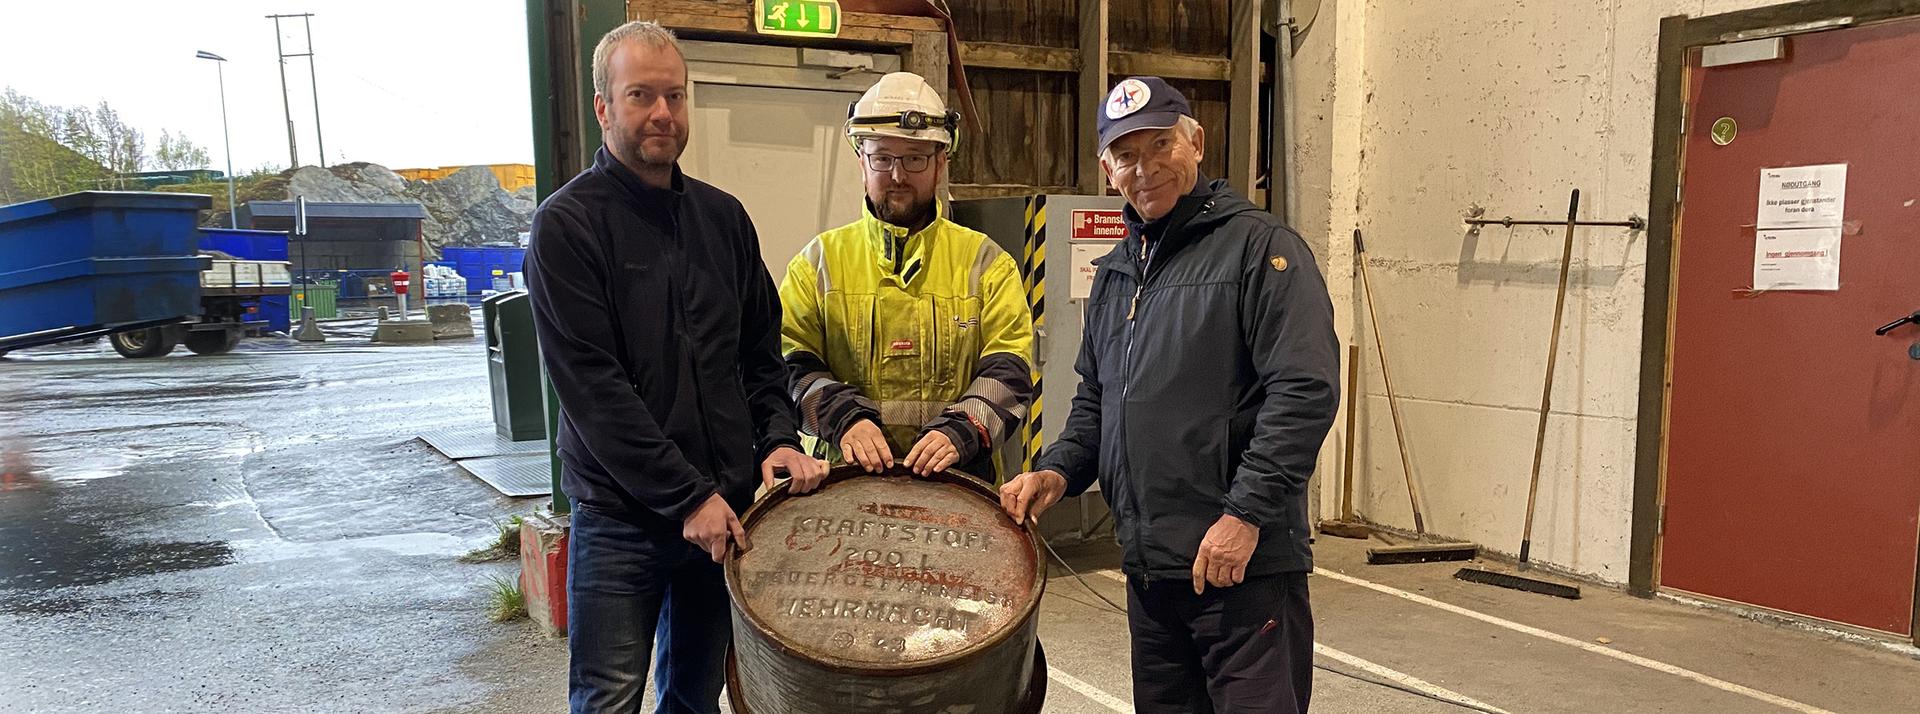 Tre menn med et oljefat